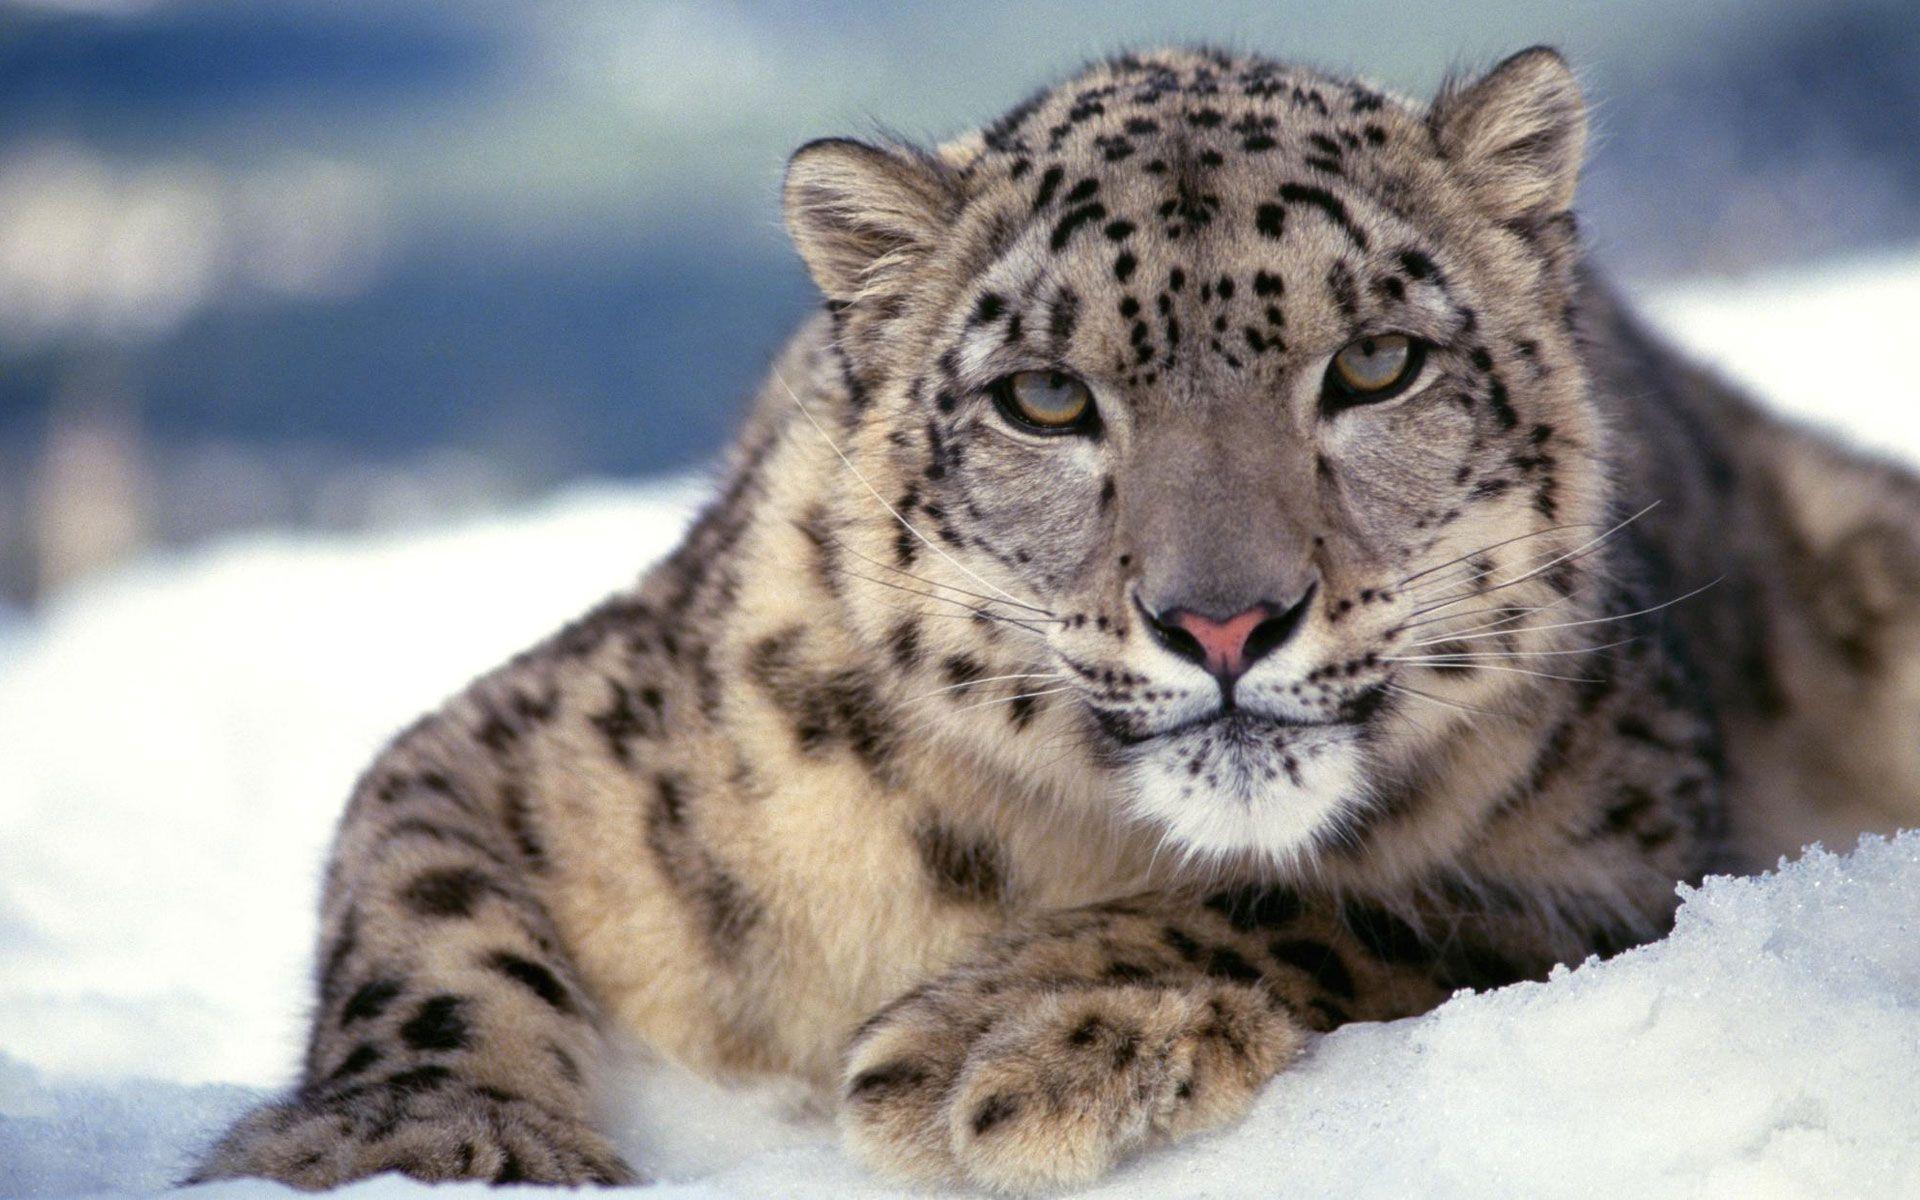 Beautiful Wallpaper Mac Snow Leopard - Apple-Leopard-Wallpapers-042  Image_807359.jpg